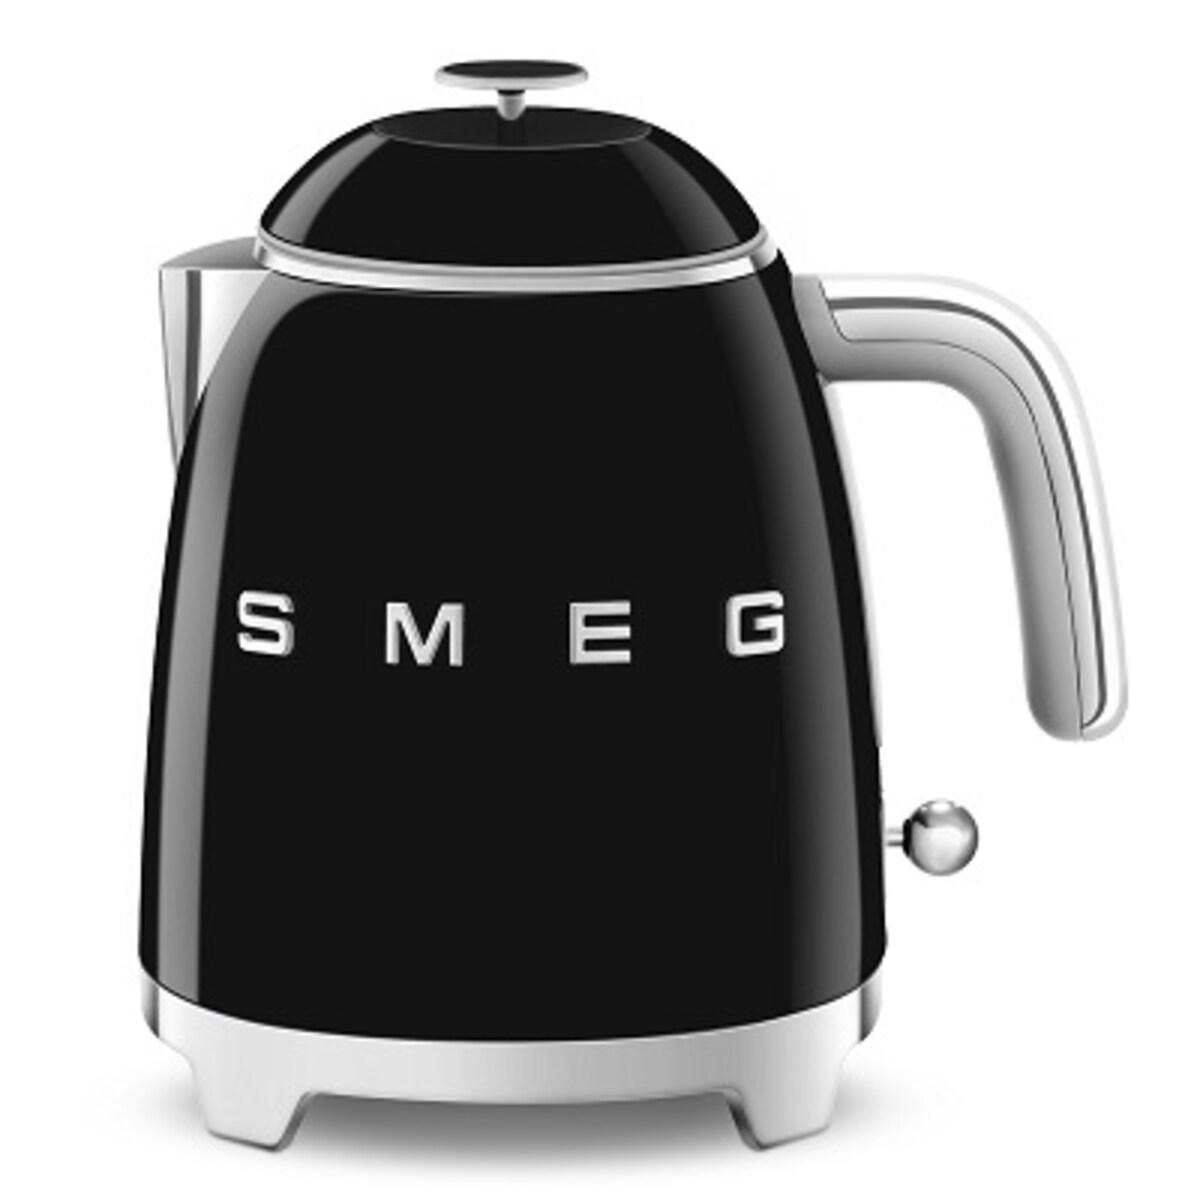 Термокана Smeg 50`s Style черна, 0.8л